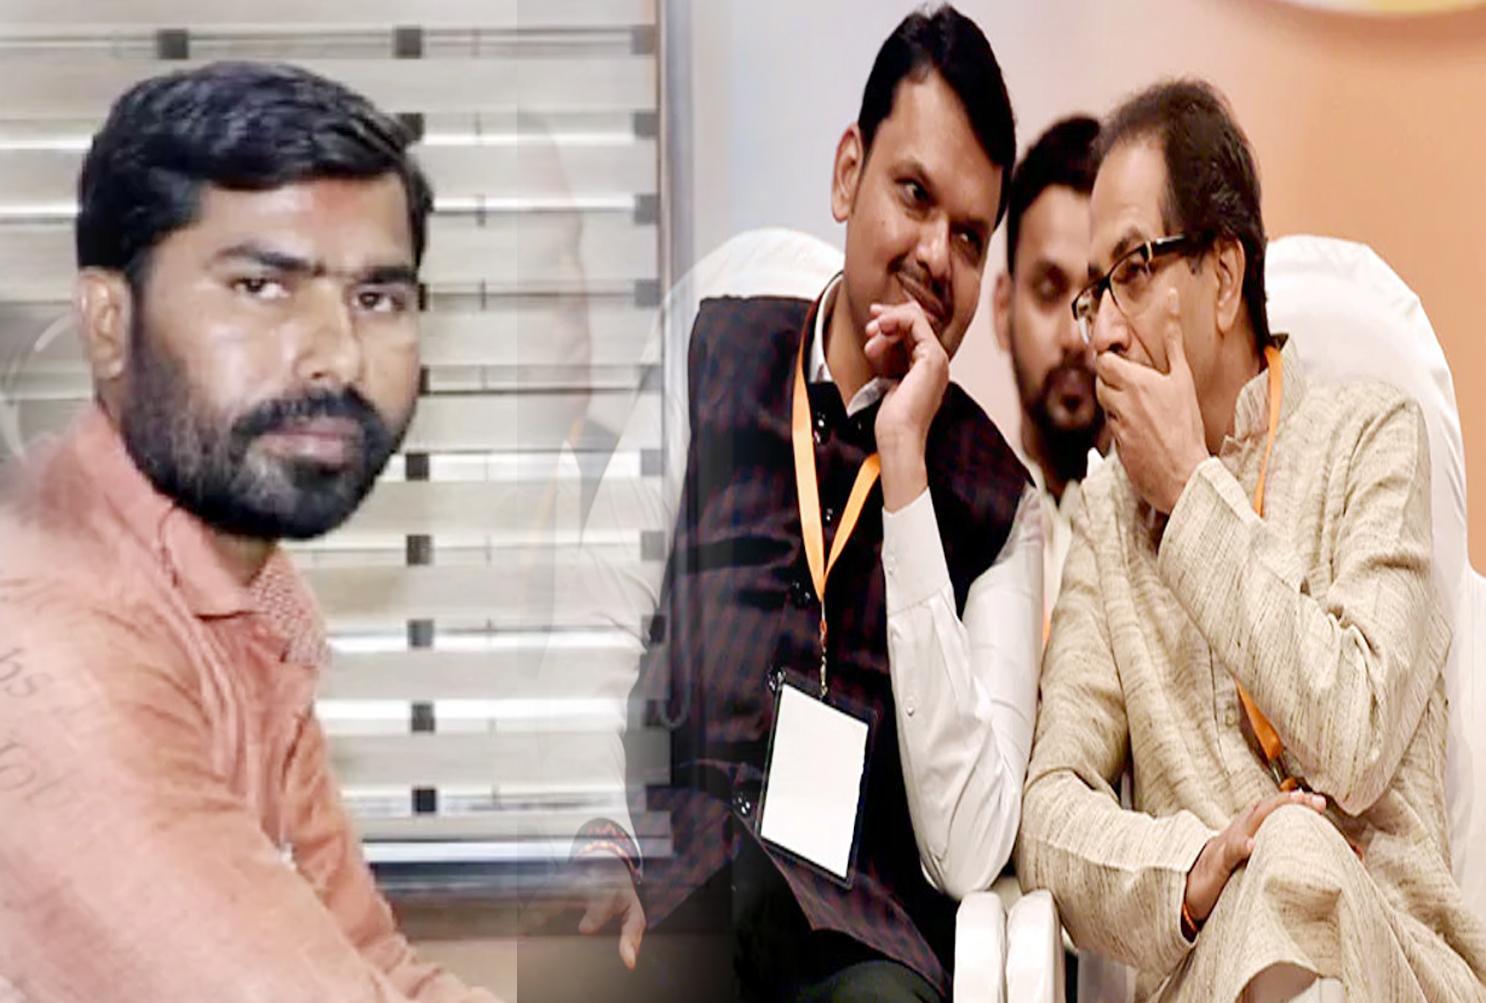 भाजपा और शिवसेना में चल रही जबरदस्त खींचतान, इसी बीच किसान ने मांगा महाराष्ट्र सीएम का पद